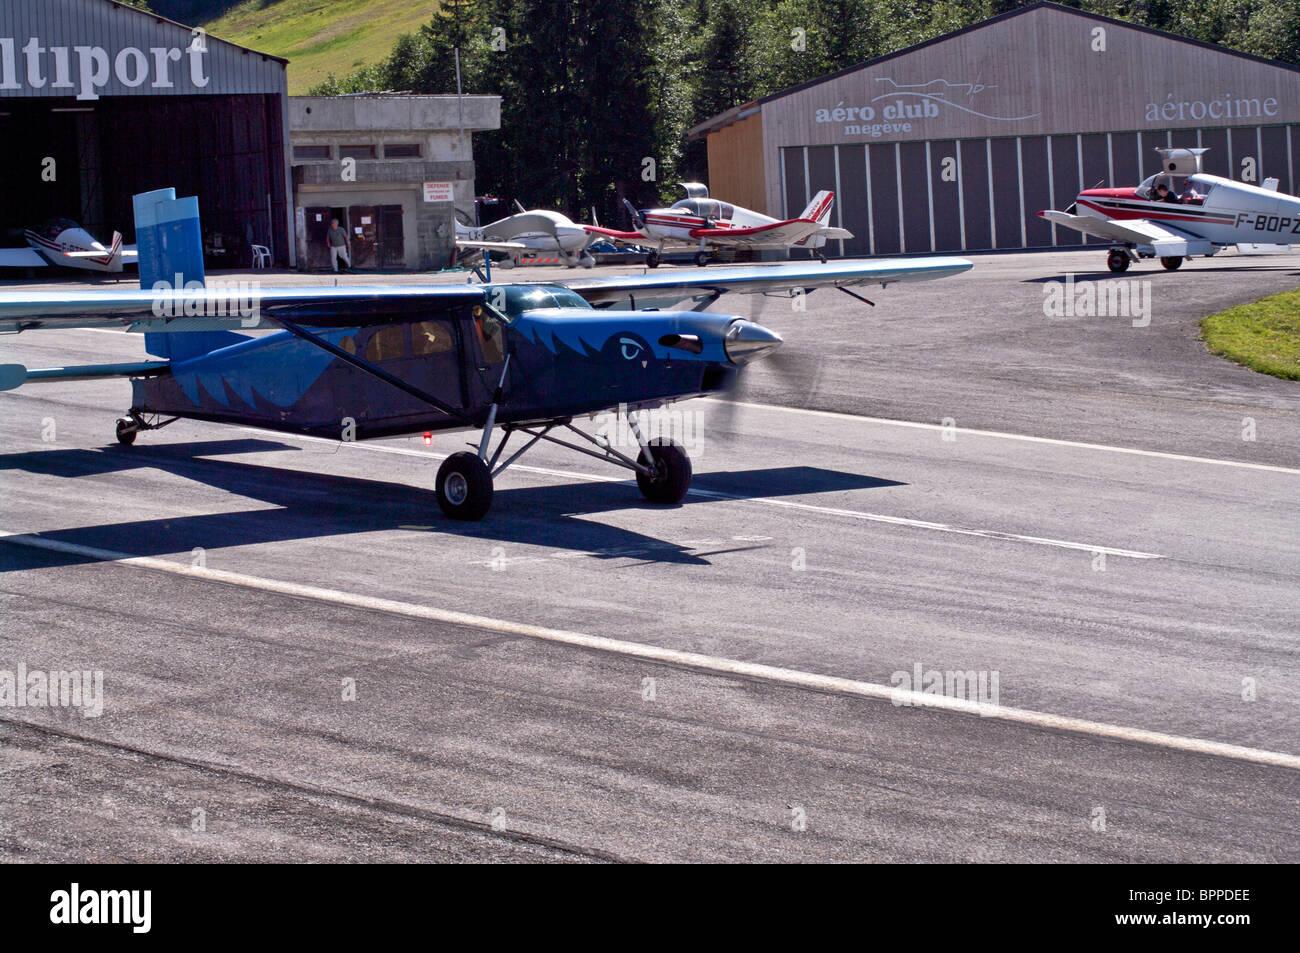 Pilatus PC 6 STOL Torboprop aircraft taxiing - Stock Image